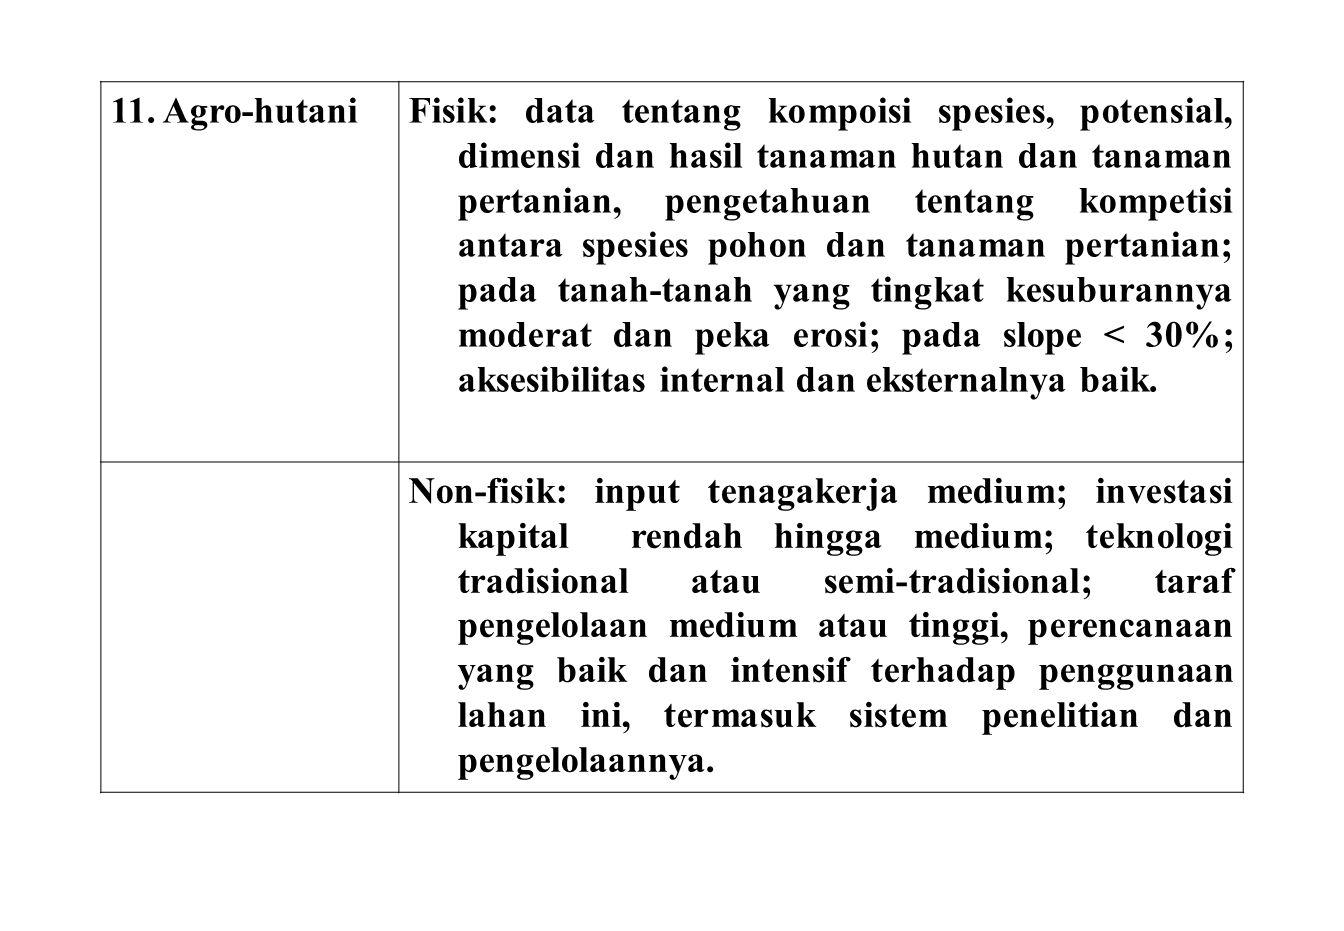 11. Agro-hutaniFisik: data tentang kompoisi spesies, potensial, dimensi dan hasil tanaman hutan dan tanaman pertanian, pengetahuan tentang kompetisi a